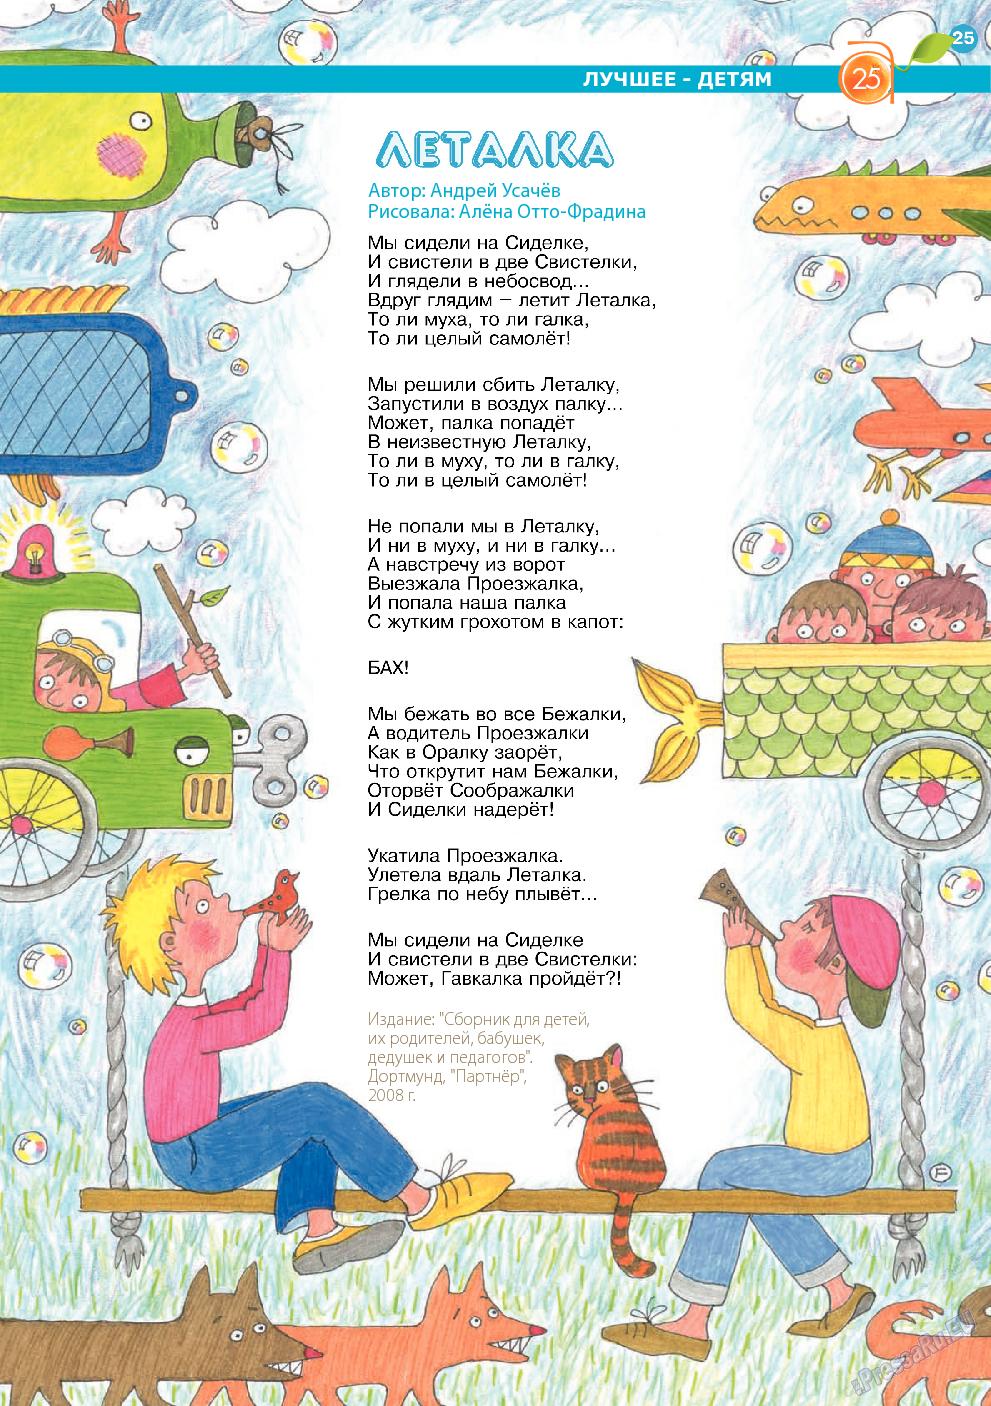 Апельсин (журнал). 2013 год, номер 51, стр. 25